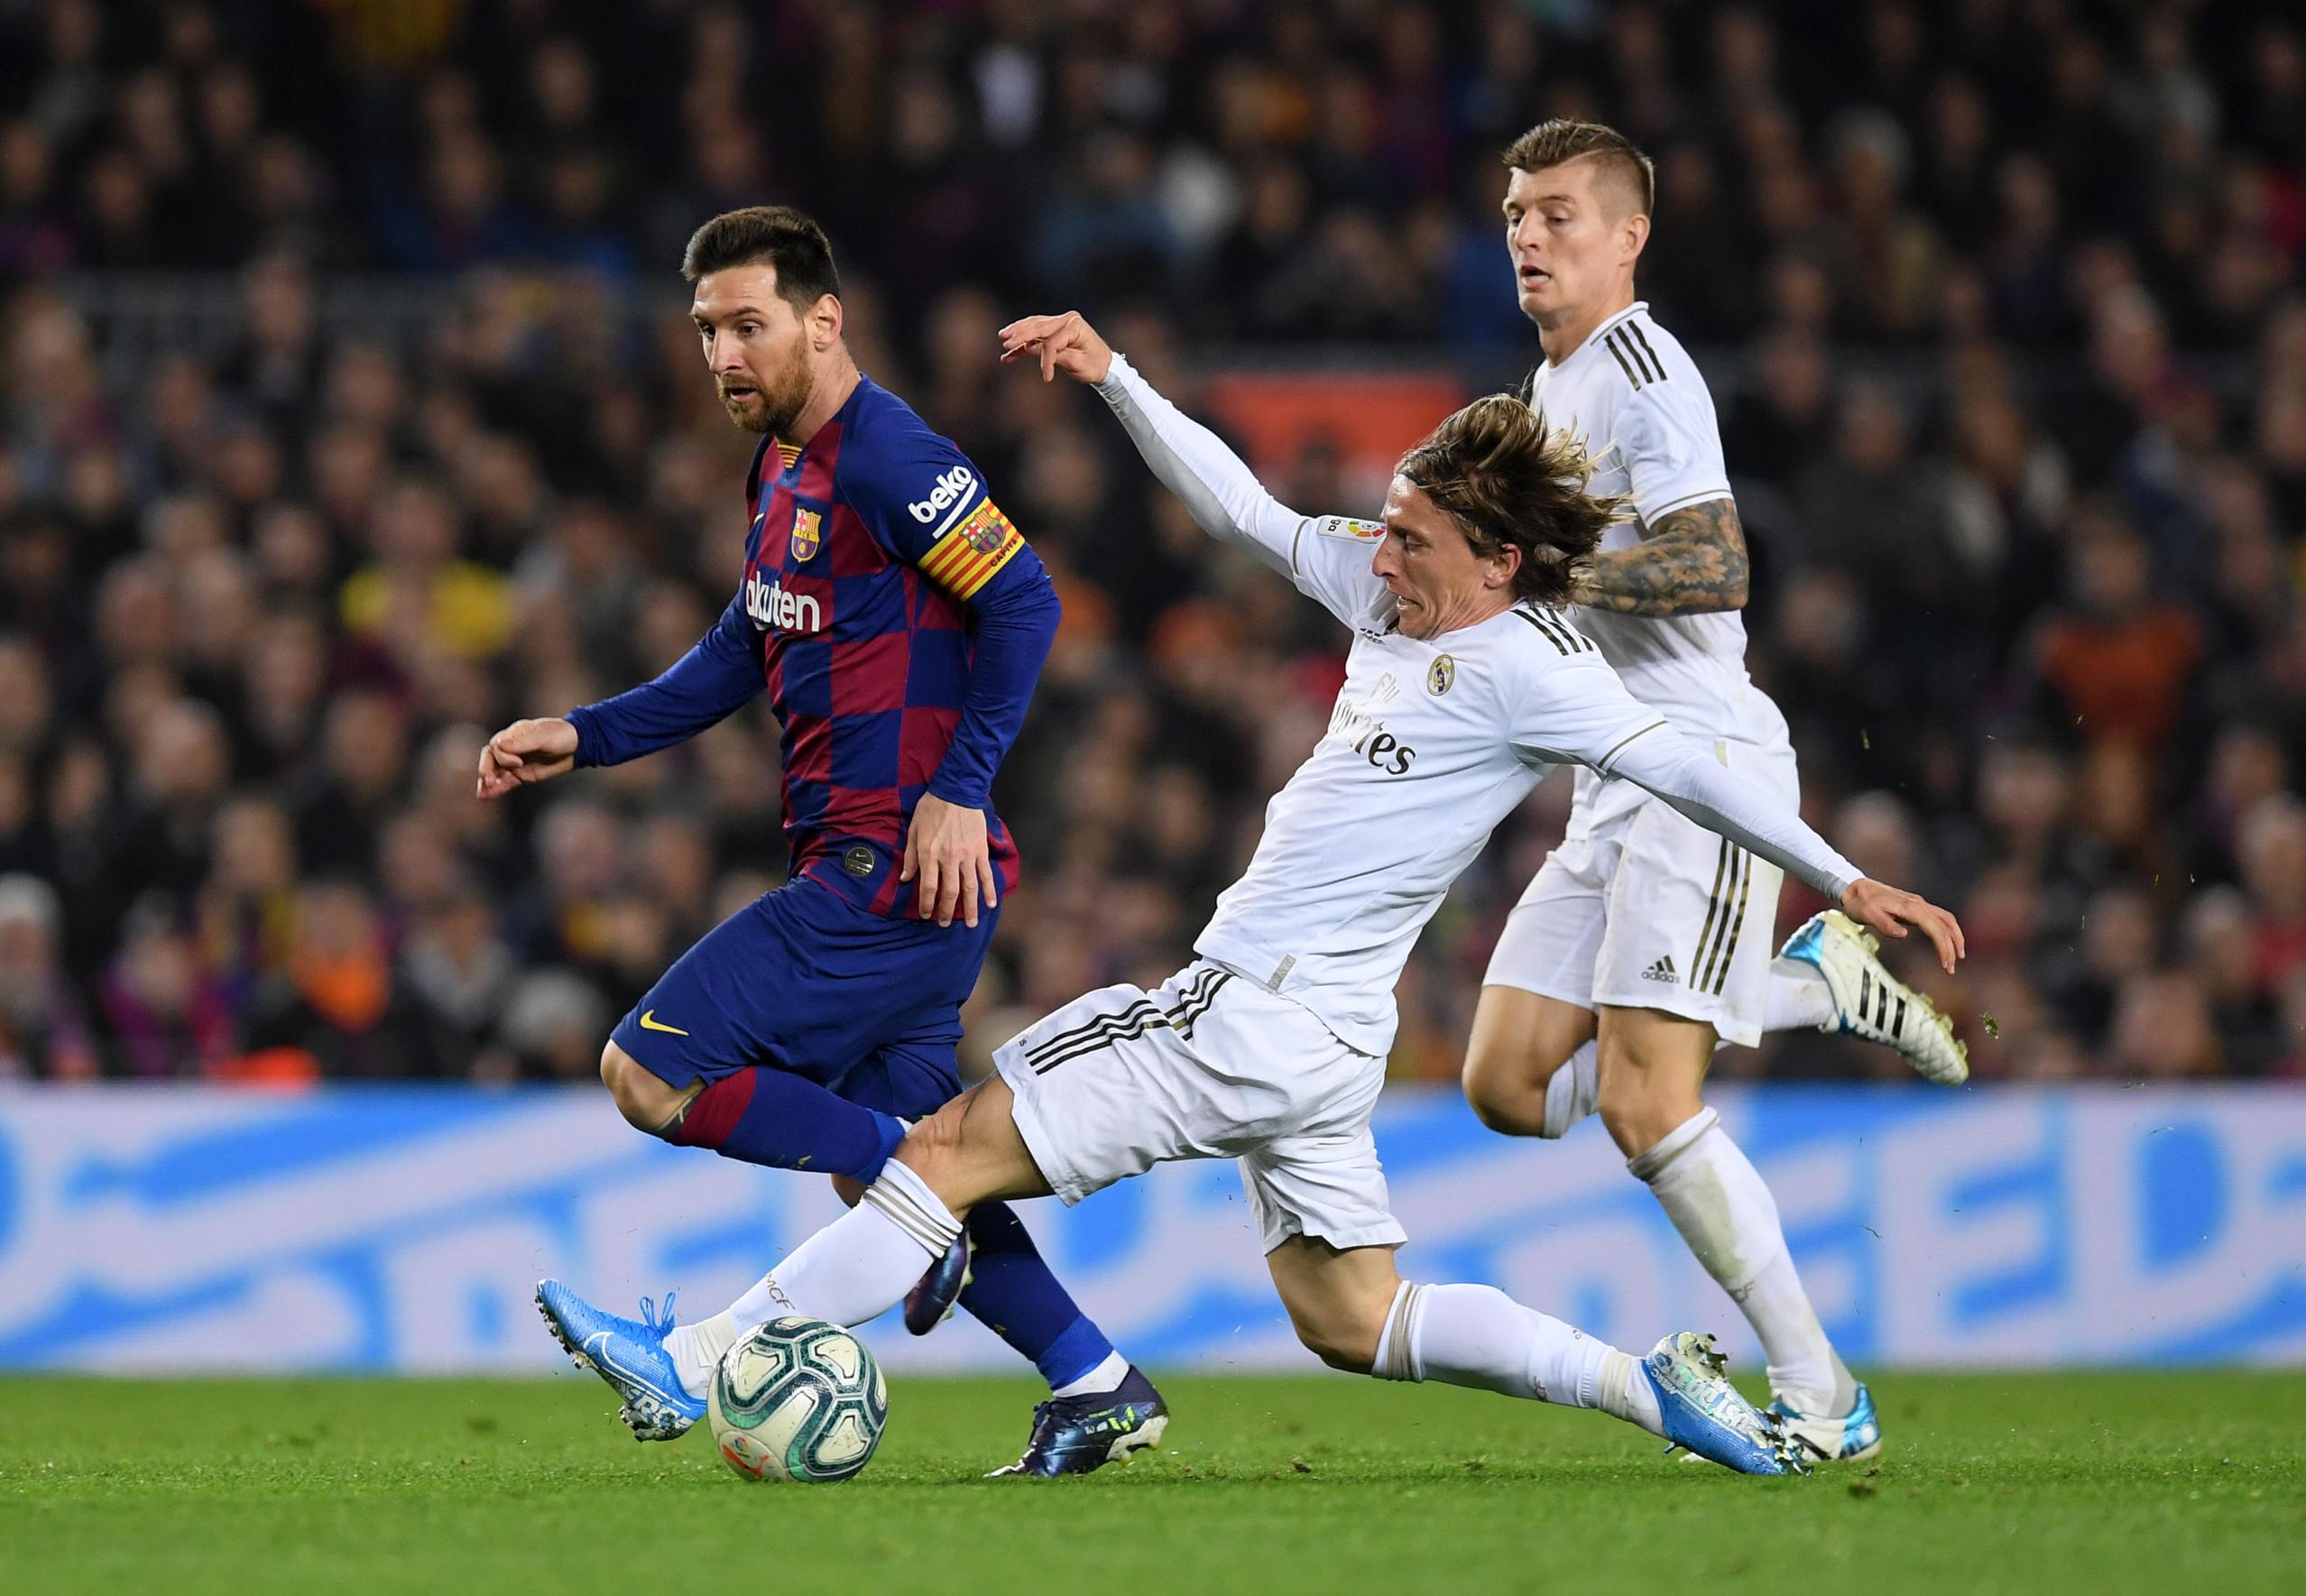 La Liga 2020-21: Με άμυνα η Ρεάλ, με… Μέσι η Μπαρτσελόνα!